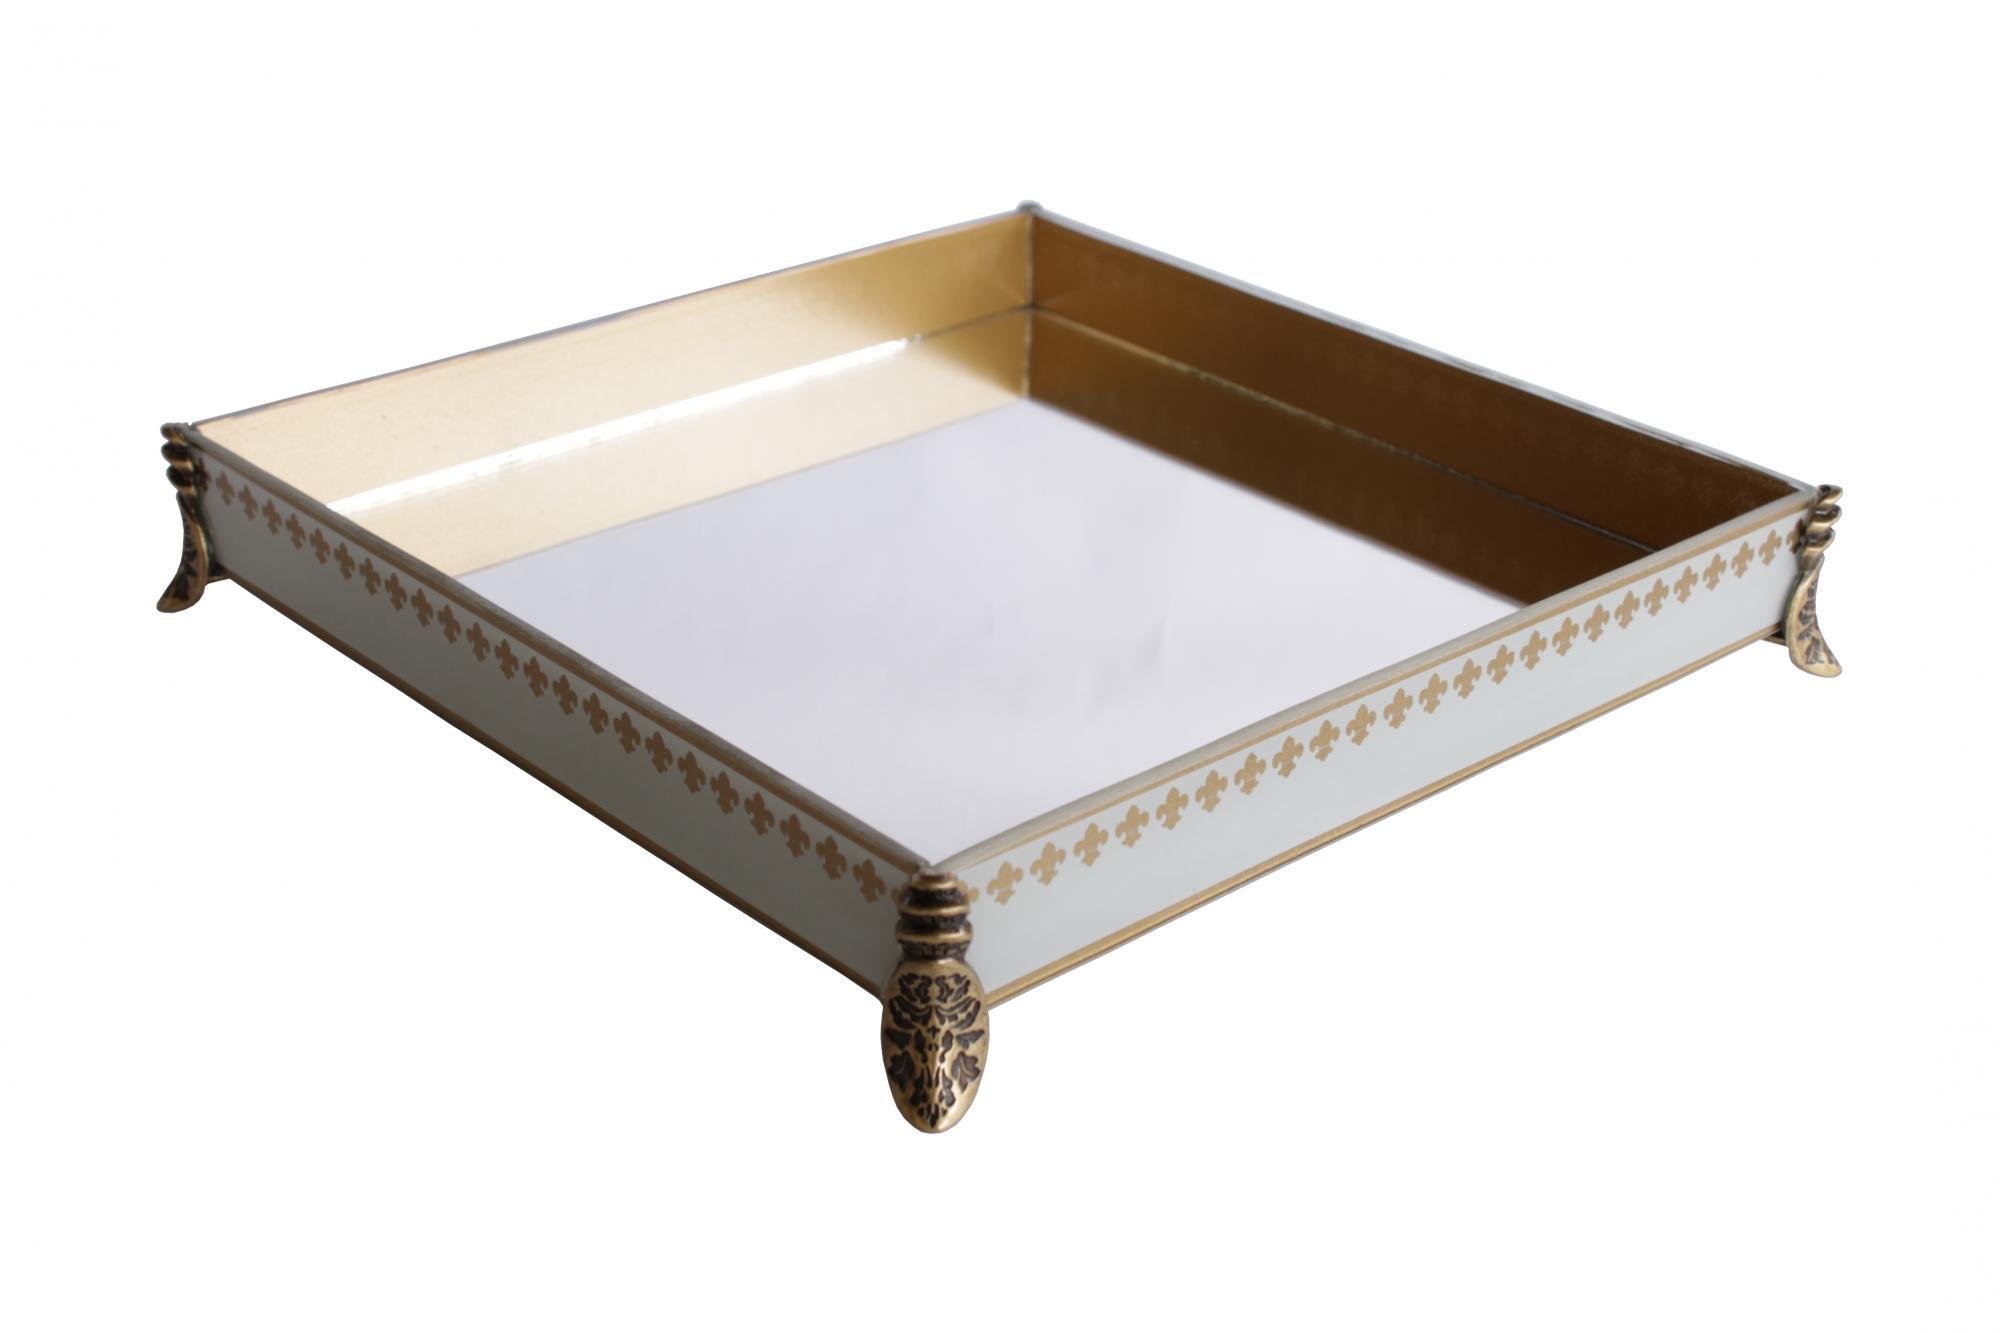 Caixa Quadrada Grande Flor de Lis Branca/Dourada